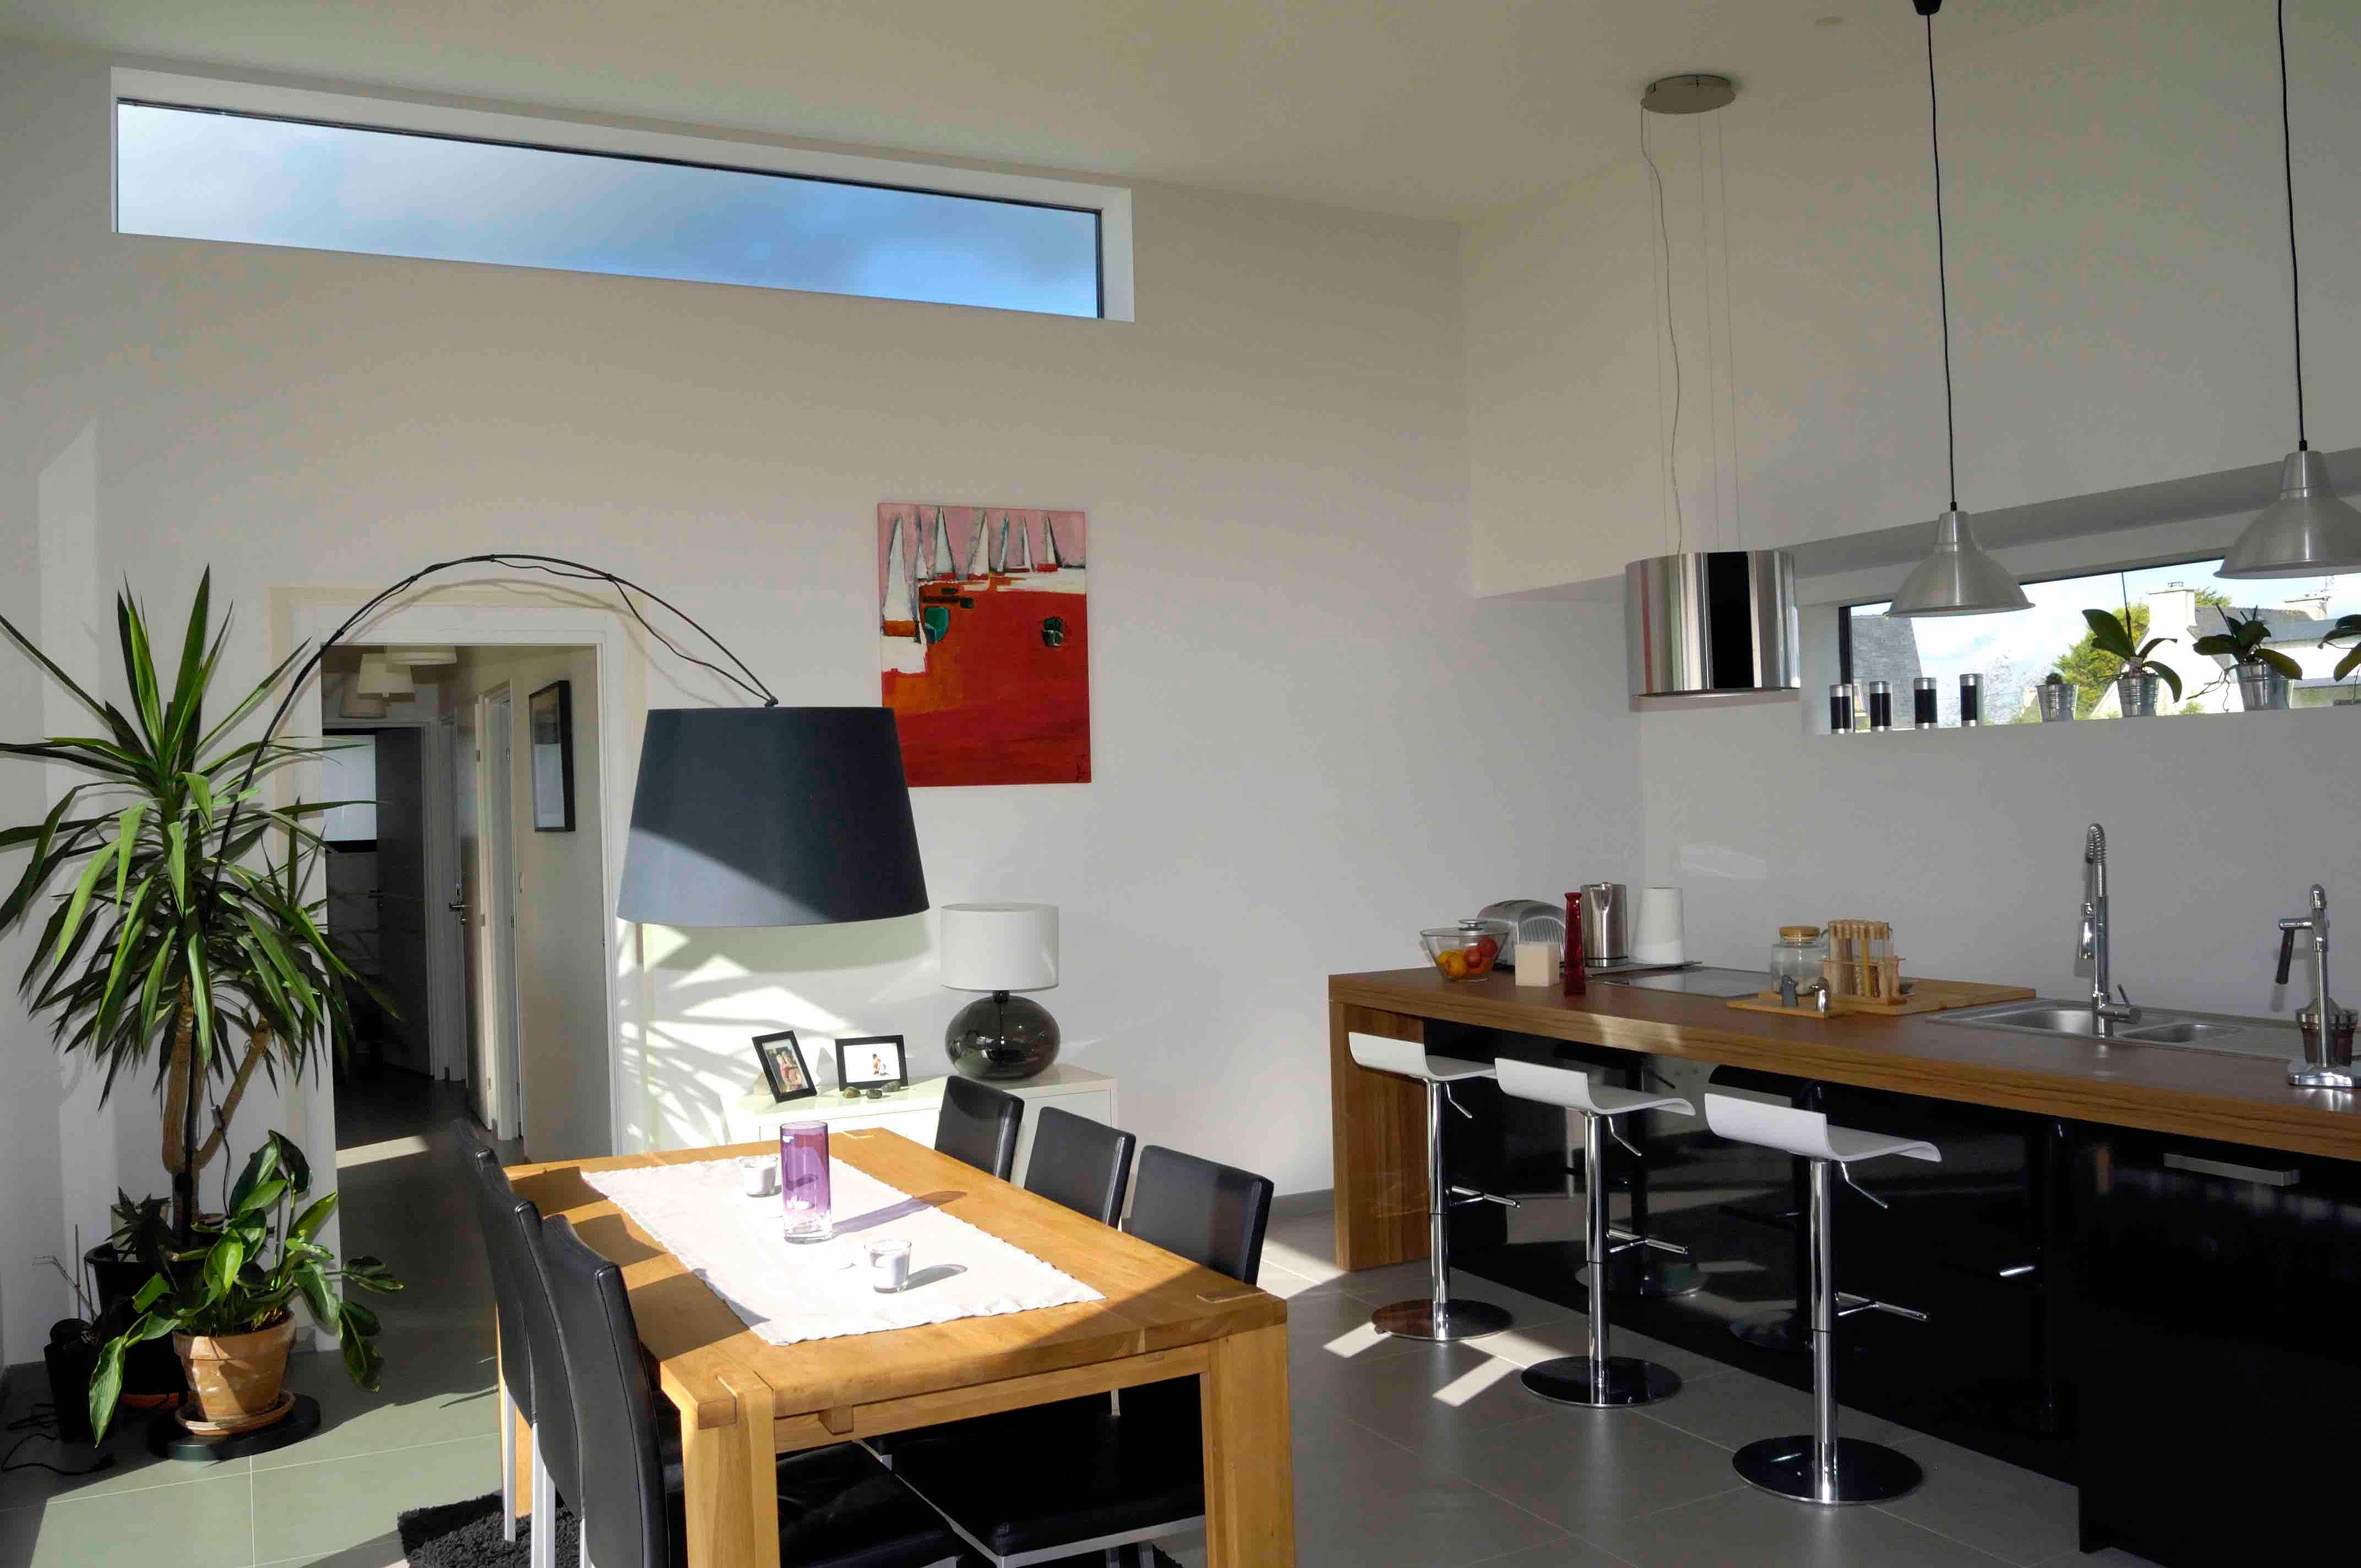 constructeur ccmi maison bois paris ile de france oise val d 39 oise int rieur maison ossature bois. Black Bedroom Furniture Sets. Home Design Ideas